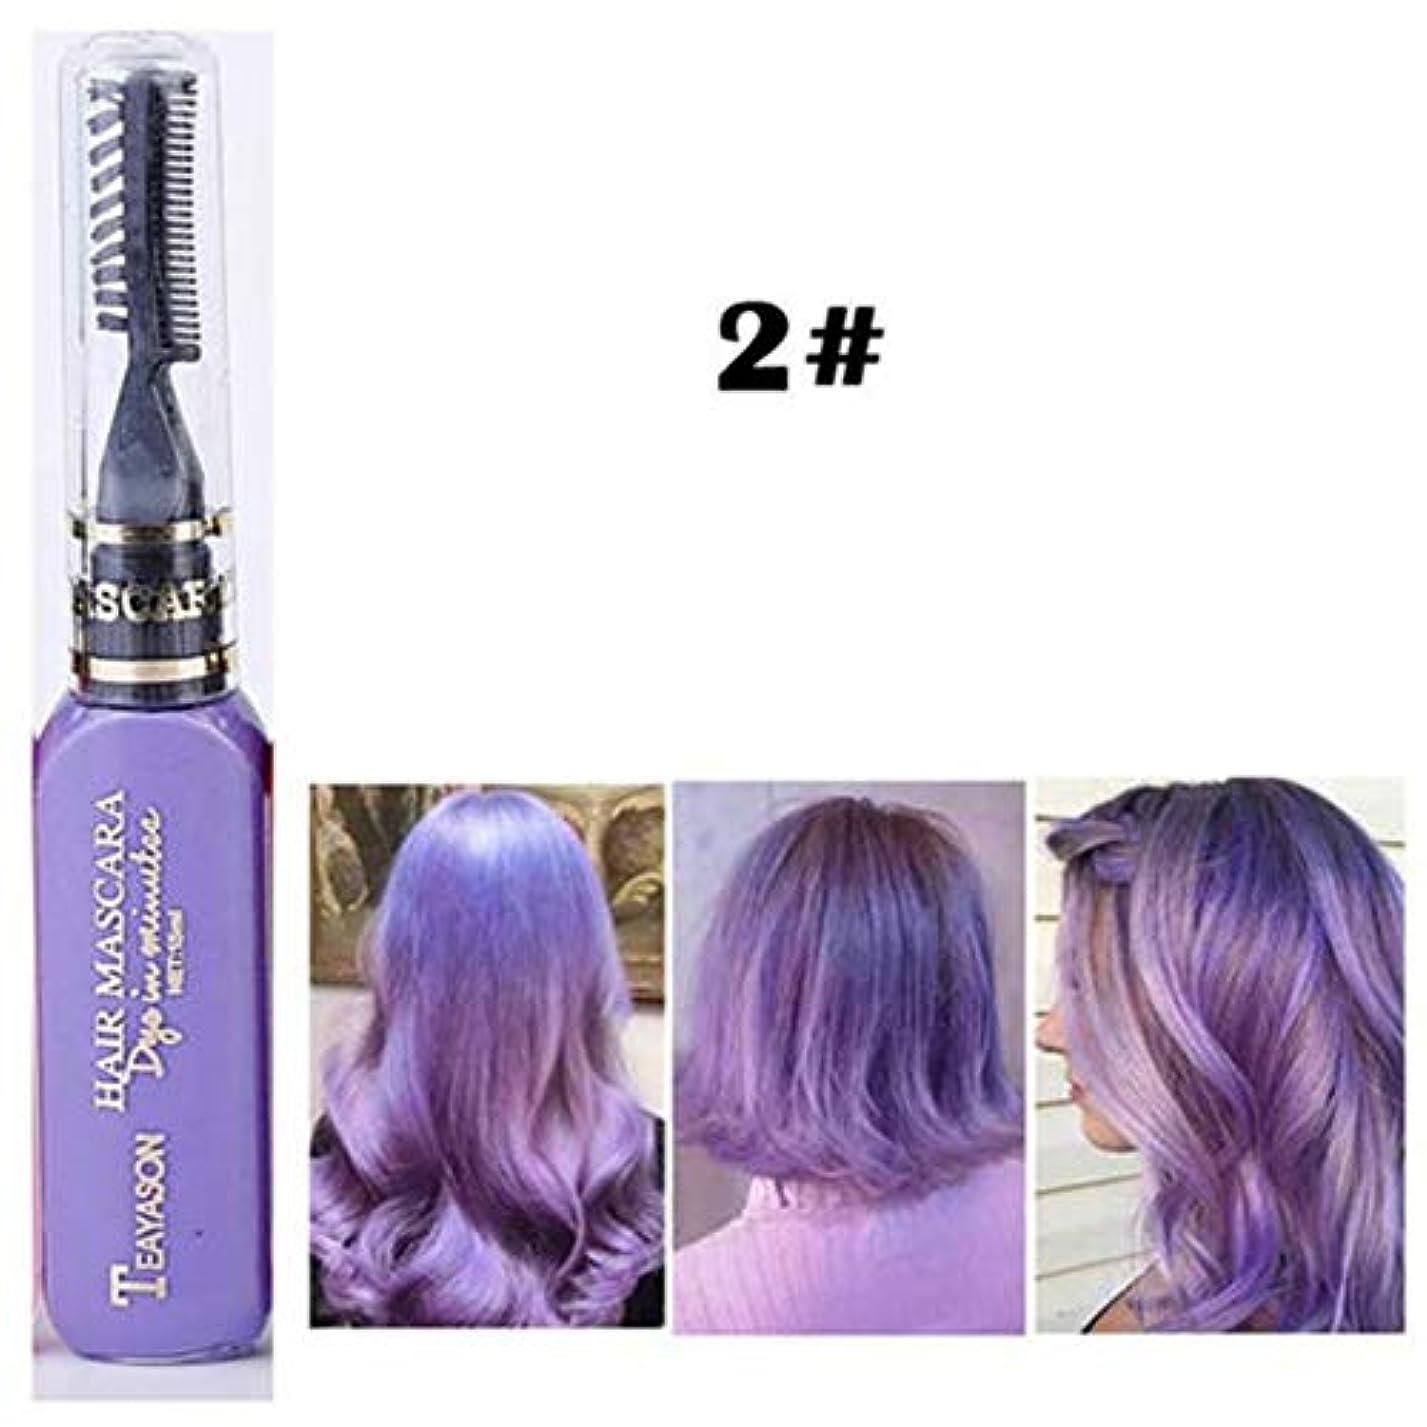 衝動上院議員軌道Murakush ヘアカラー 一時的 インスタント 髪染料 マスカラ 非毒性 使い捨て カラークリーム マルチカラー ペンヘアケア 2#パープル